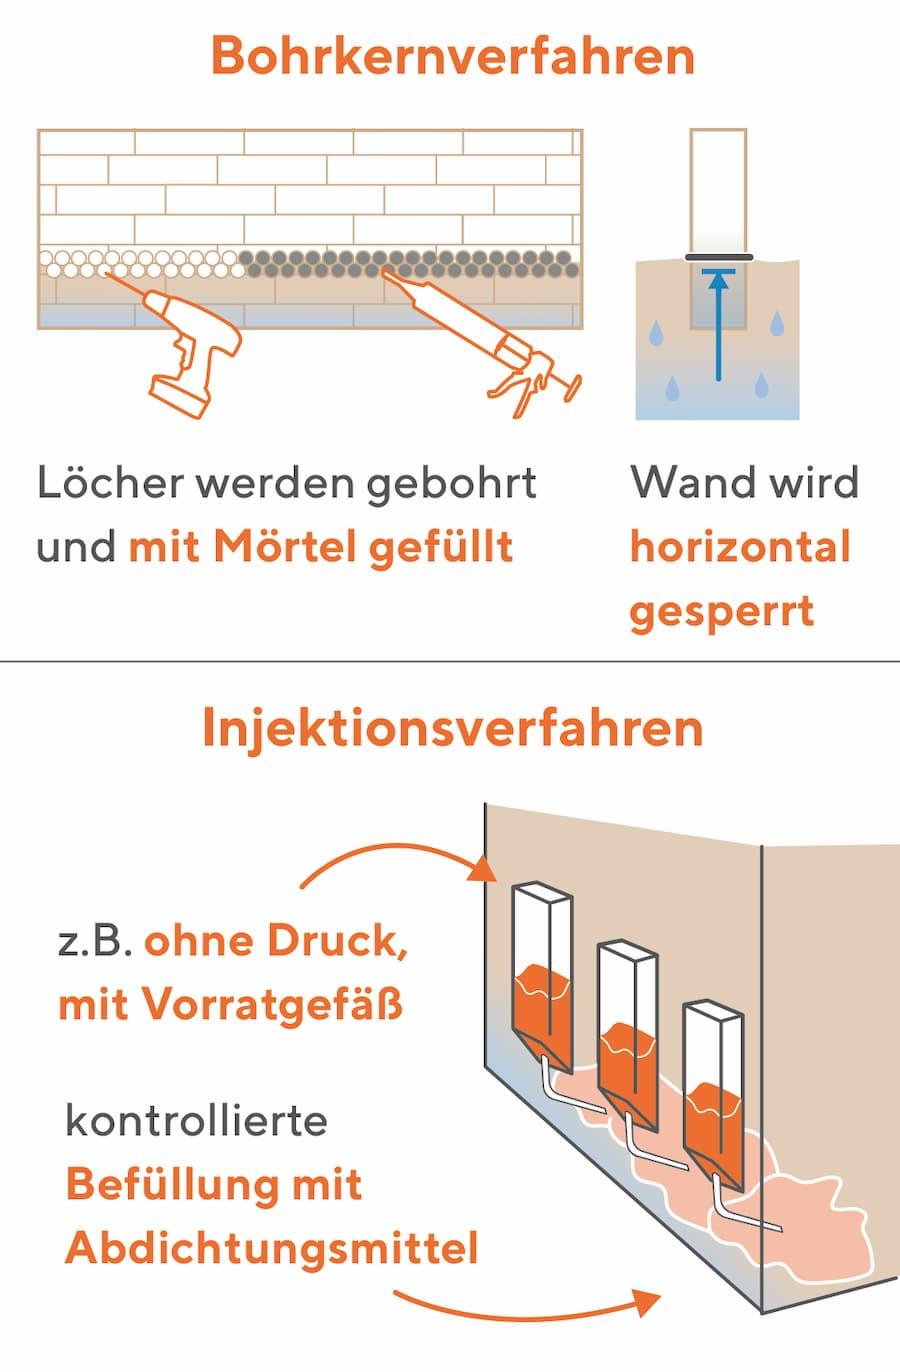 Bekämpfung der Feuchtigkeit: Borkernverfahren und Injektionsverfahren